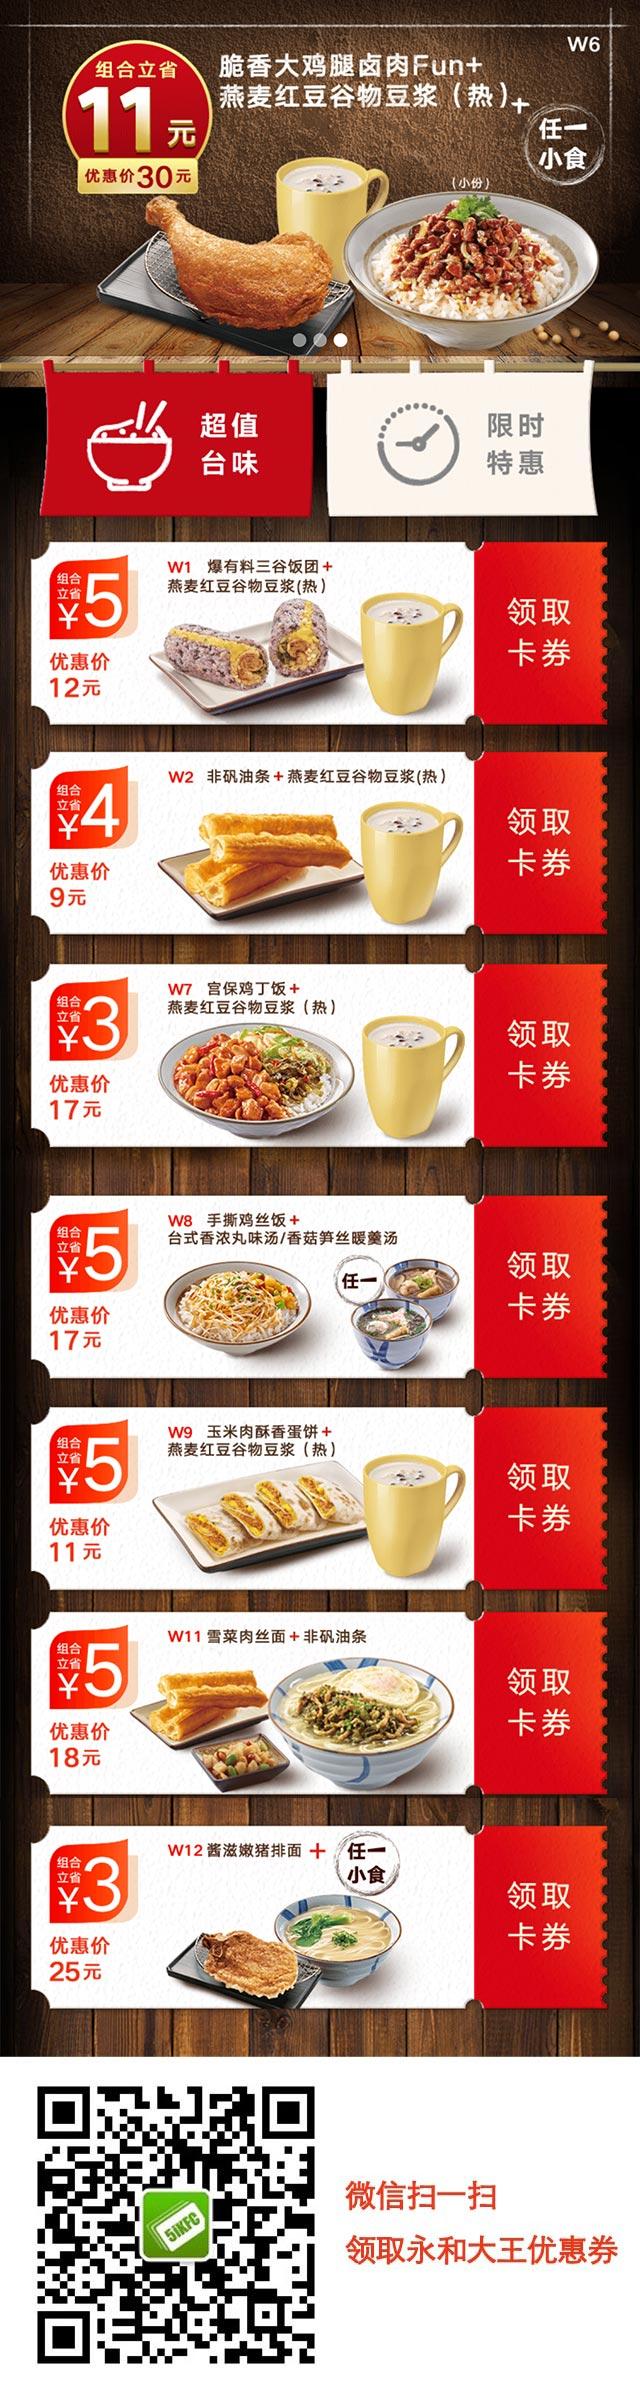 永和大王超值台味2019年2月3月优惠券,多款大王美食组合享优惠 有效期至:2019年3月18日 www.5ikfc.com